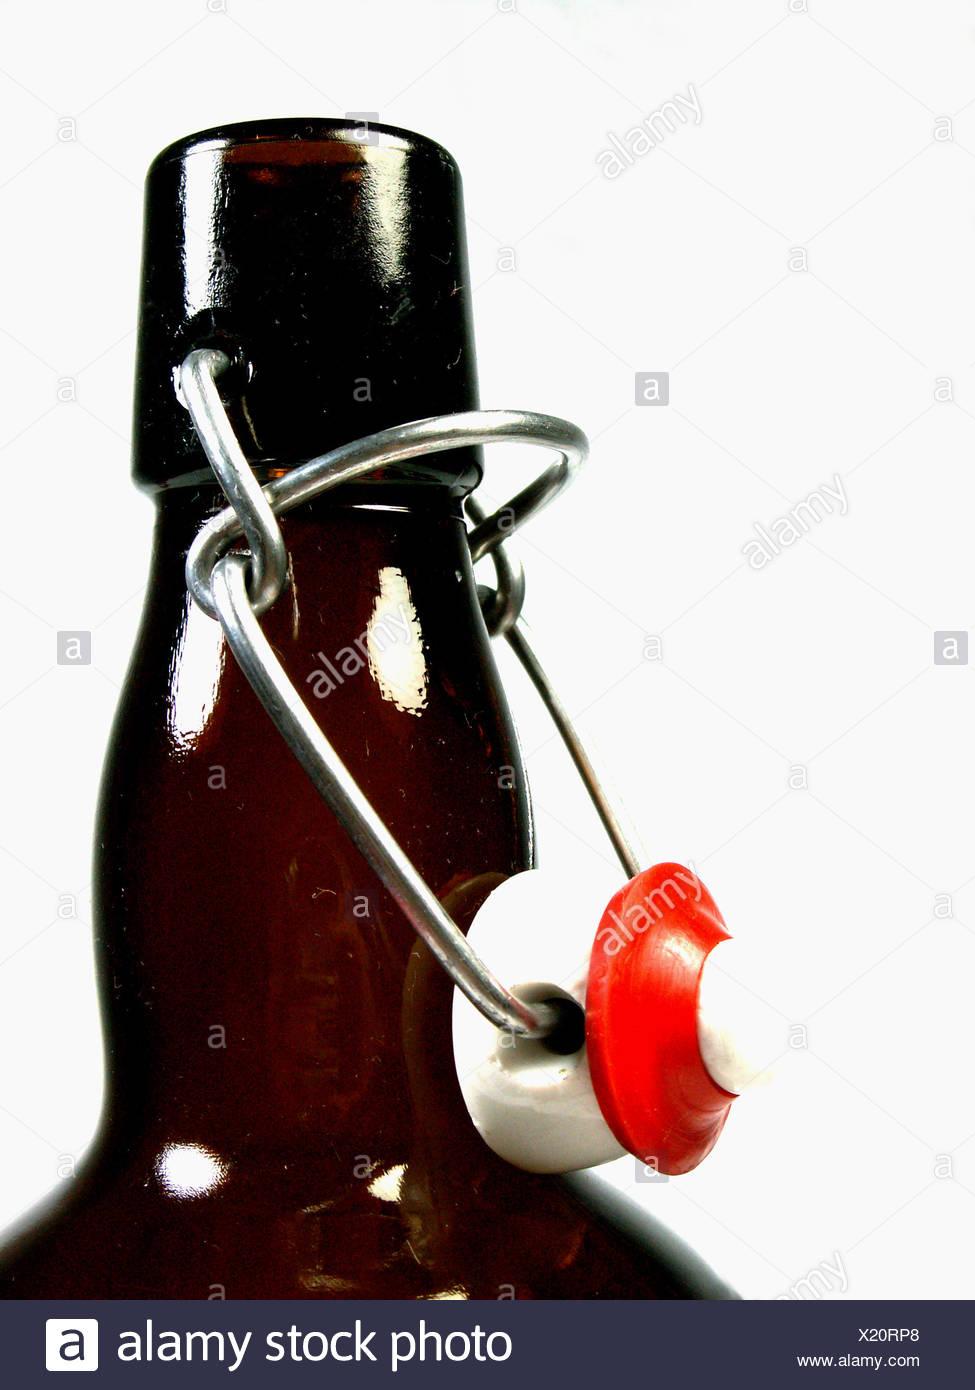 seal shutter hanger used glass beer bottle bottle-neck bottle deposit use - Stock Image